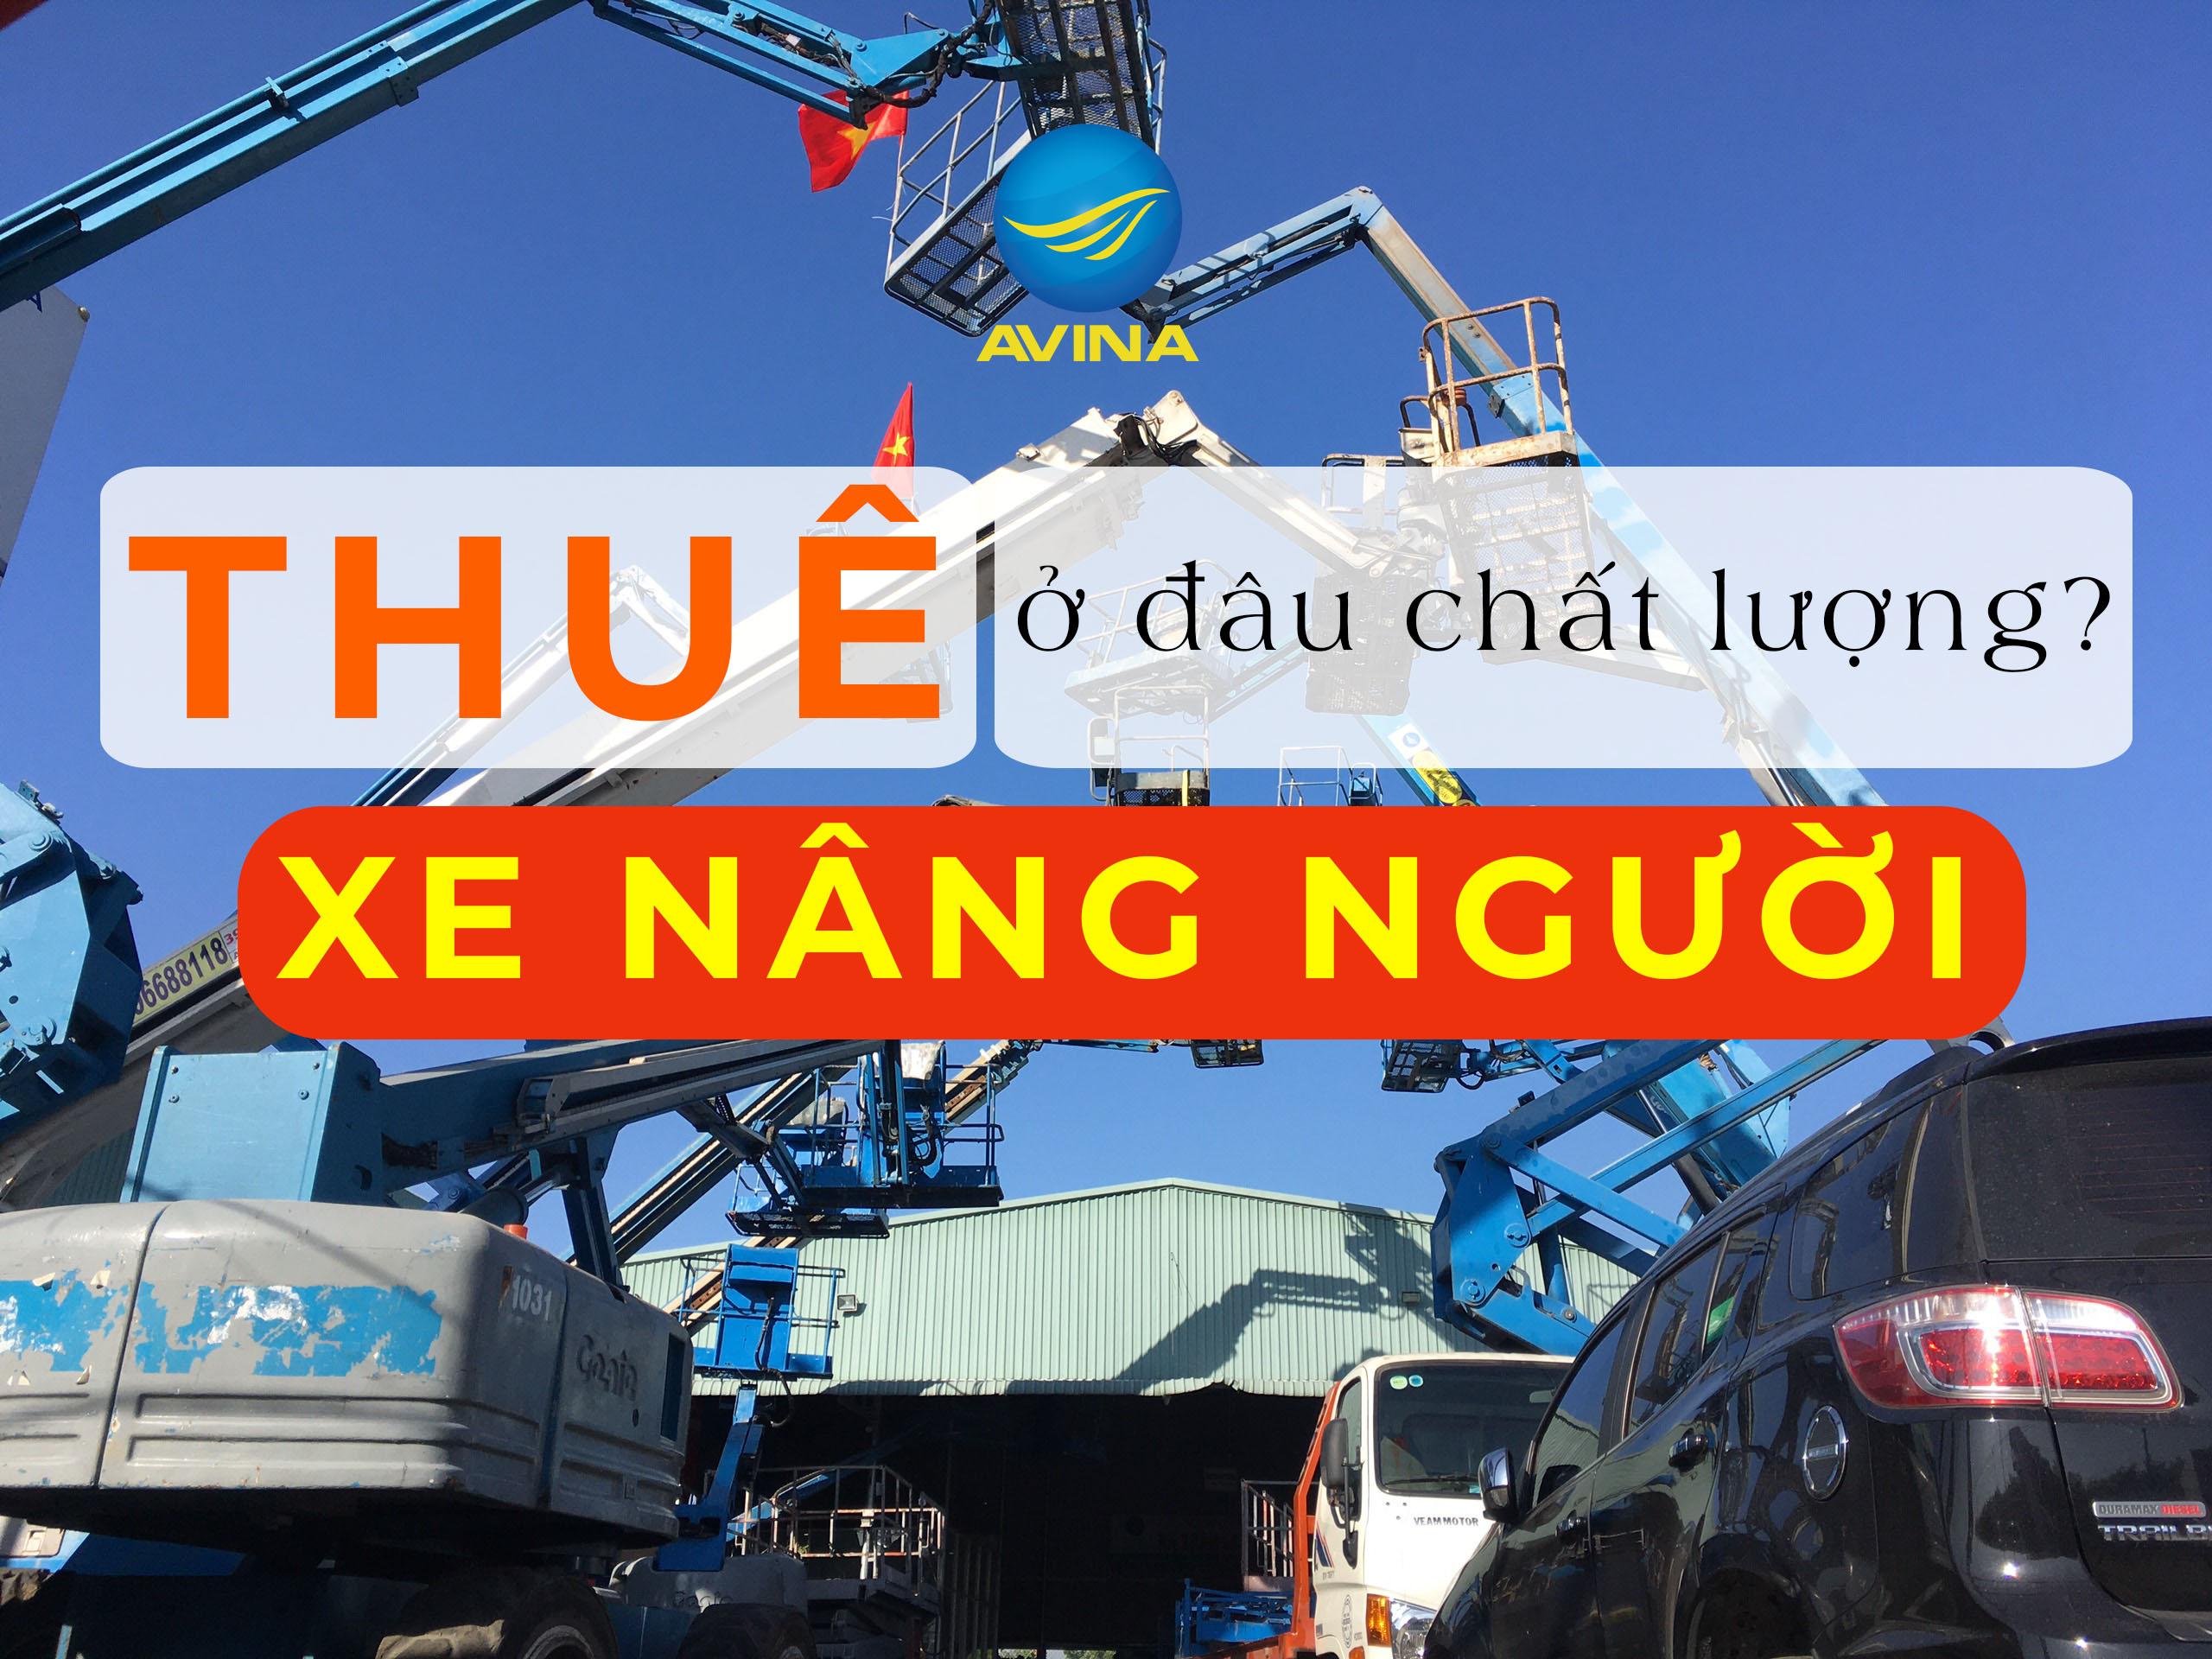 thue-xe-nang-nguoi-chat-luong